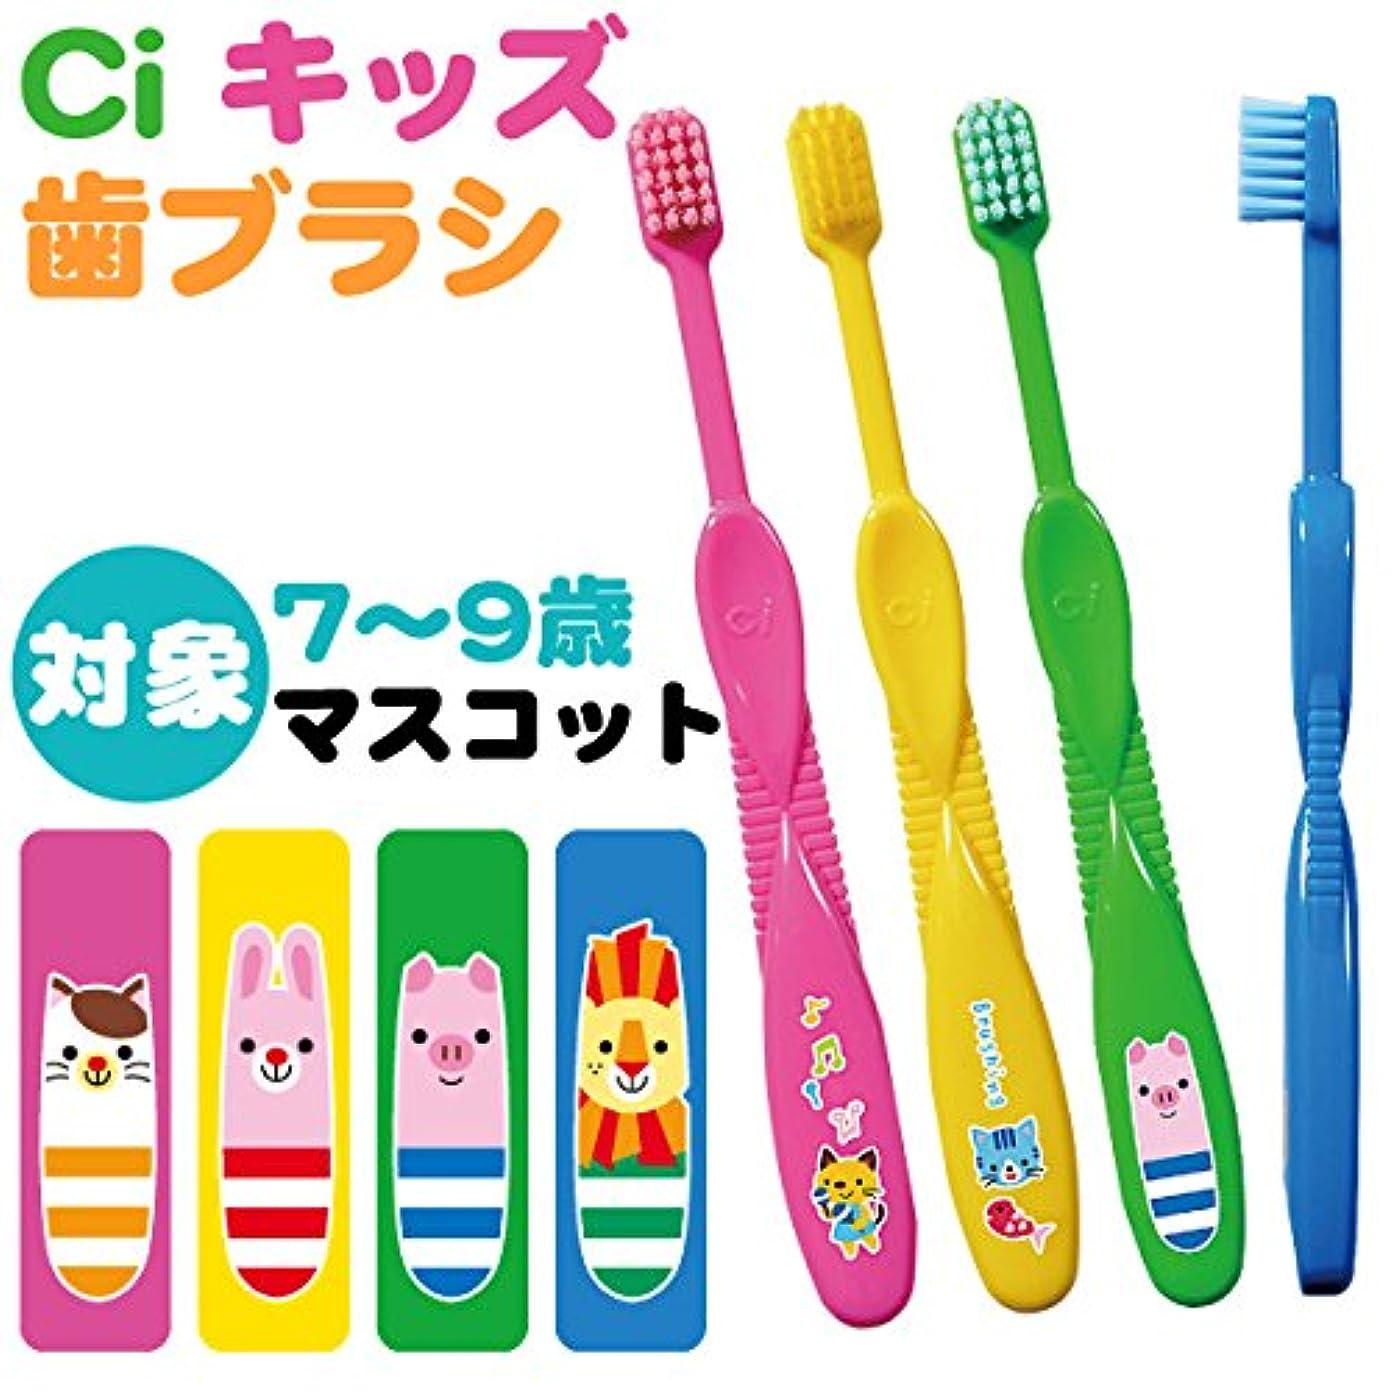 来て在庫不透明なCiキッズ歯ブラシ マスコット柄 24本